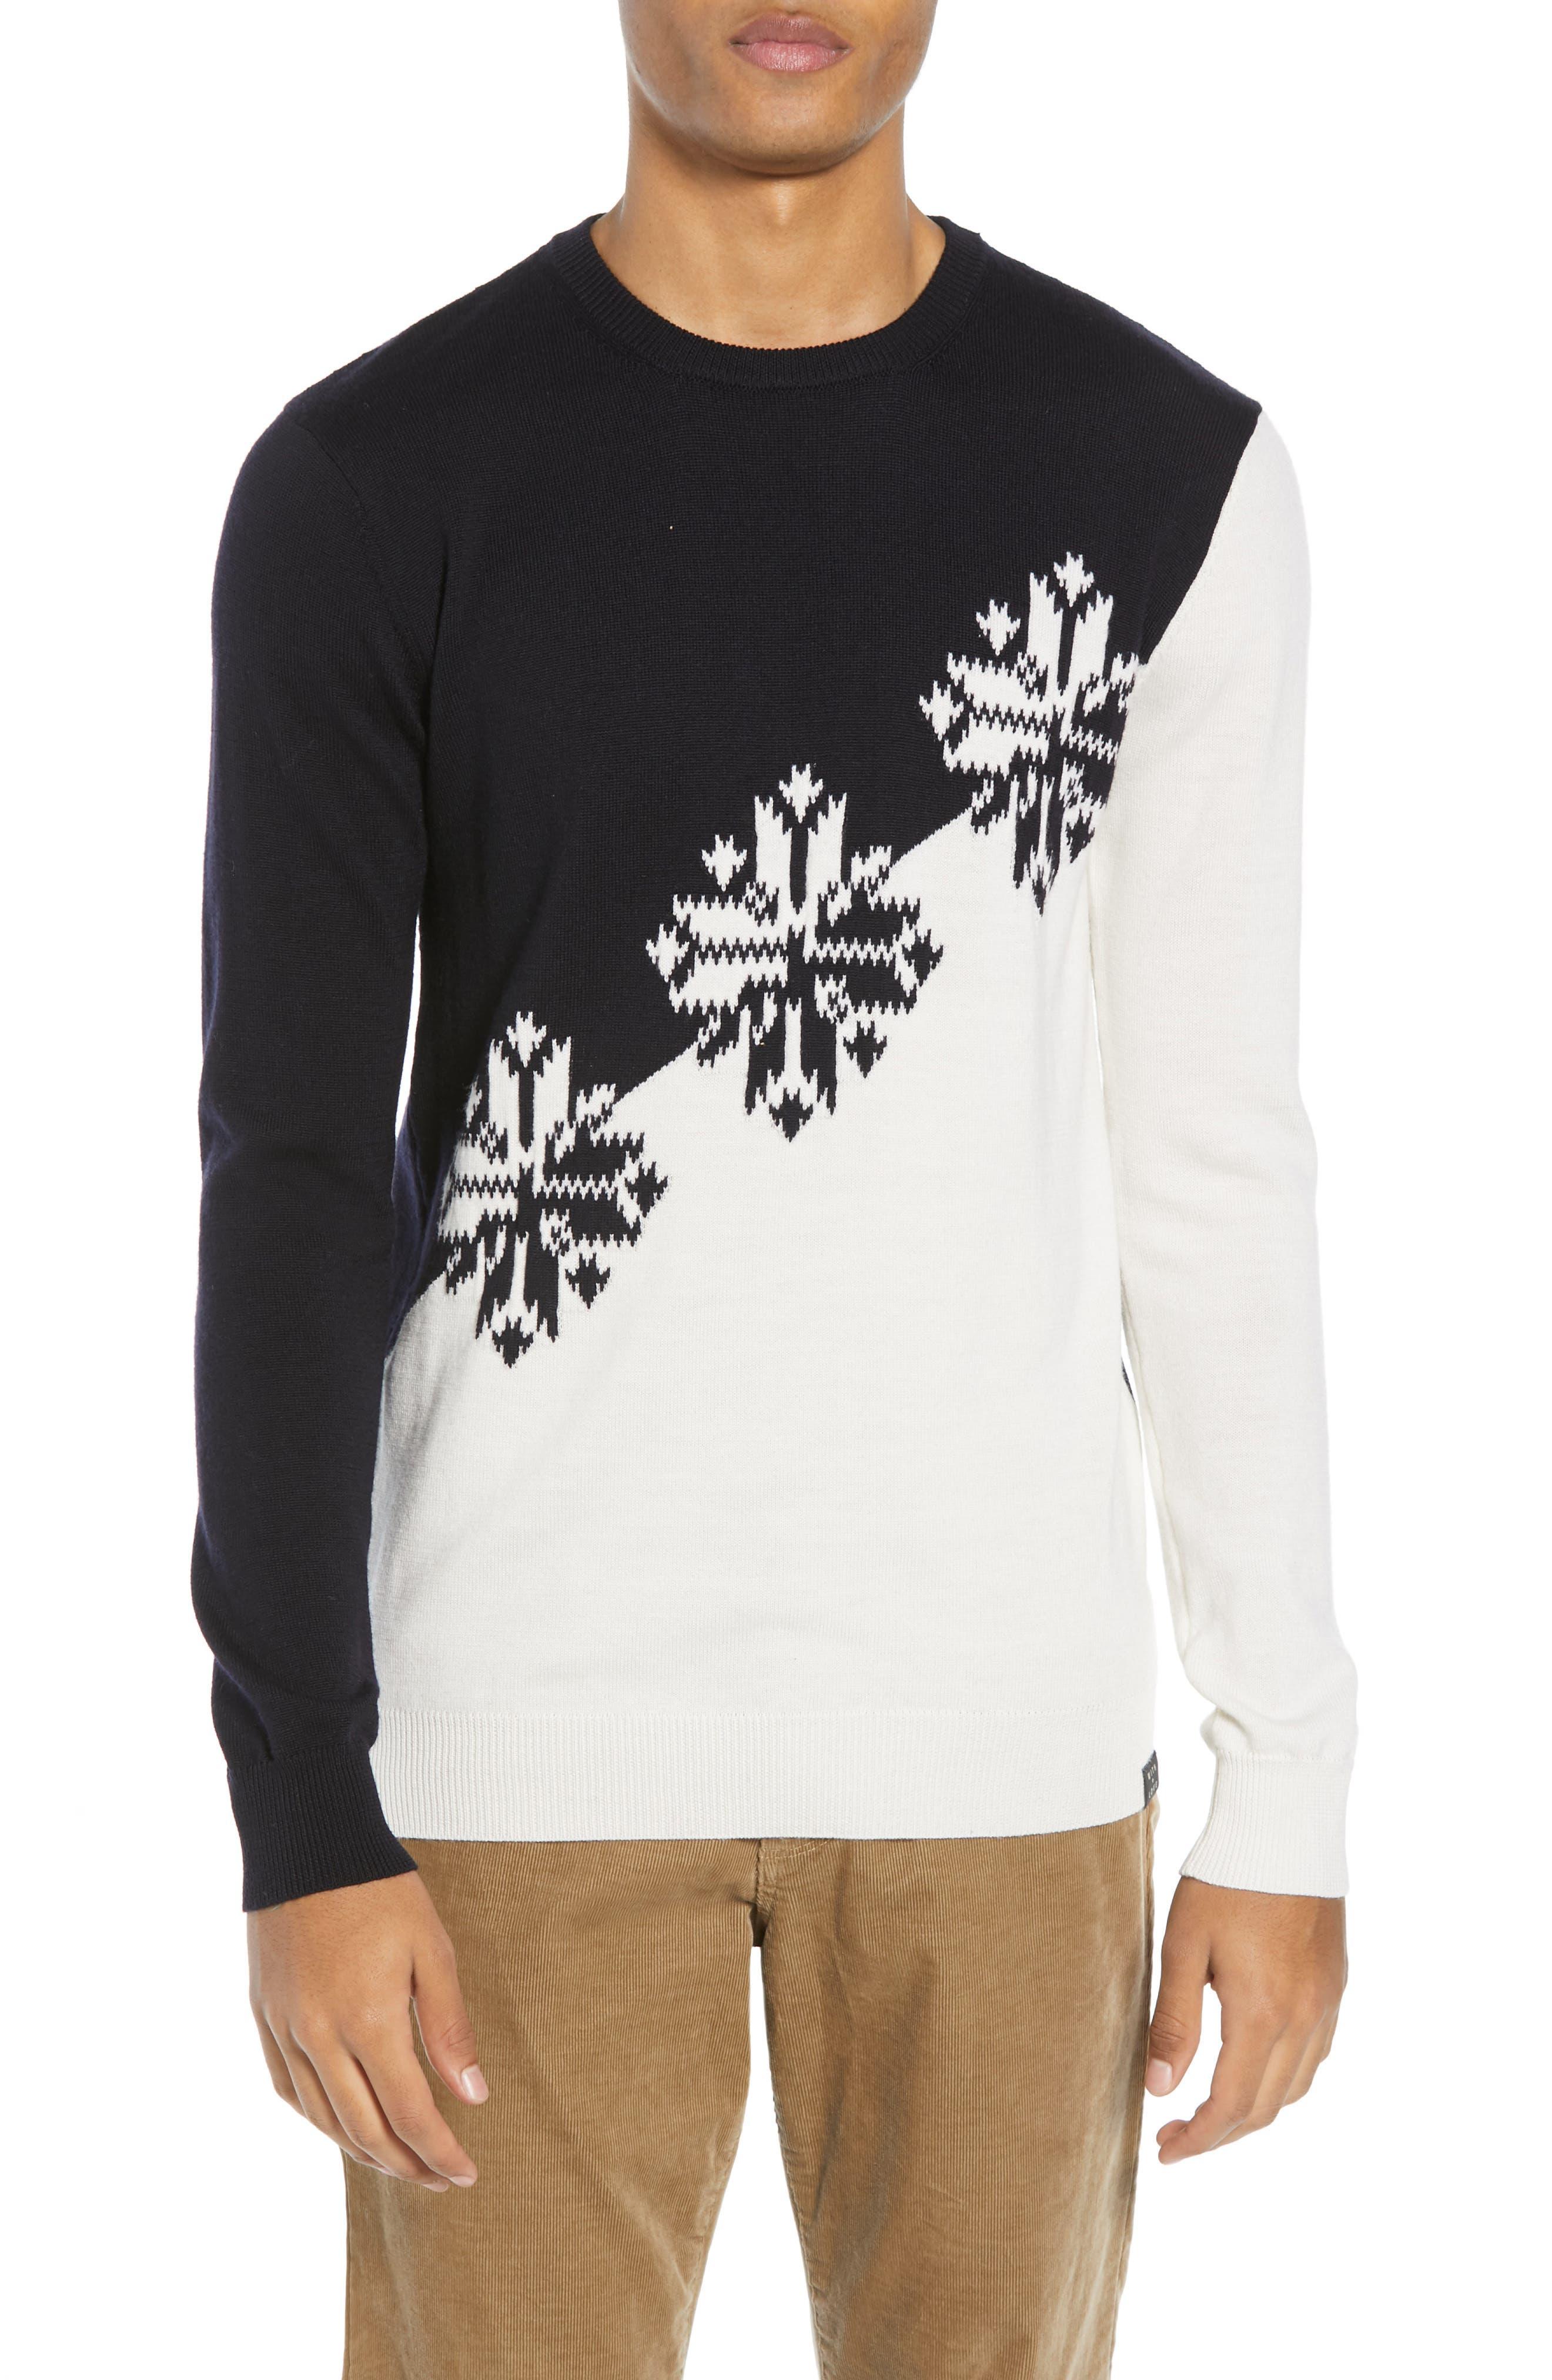 SCOTCH & SODA Intarsia Colorblock Wool Sweater in Combo B